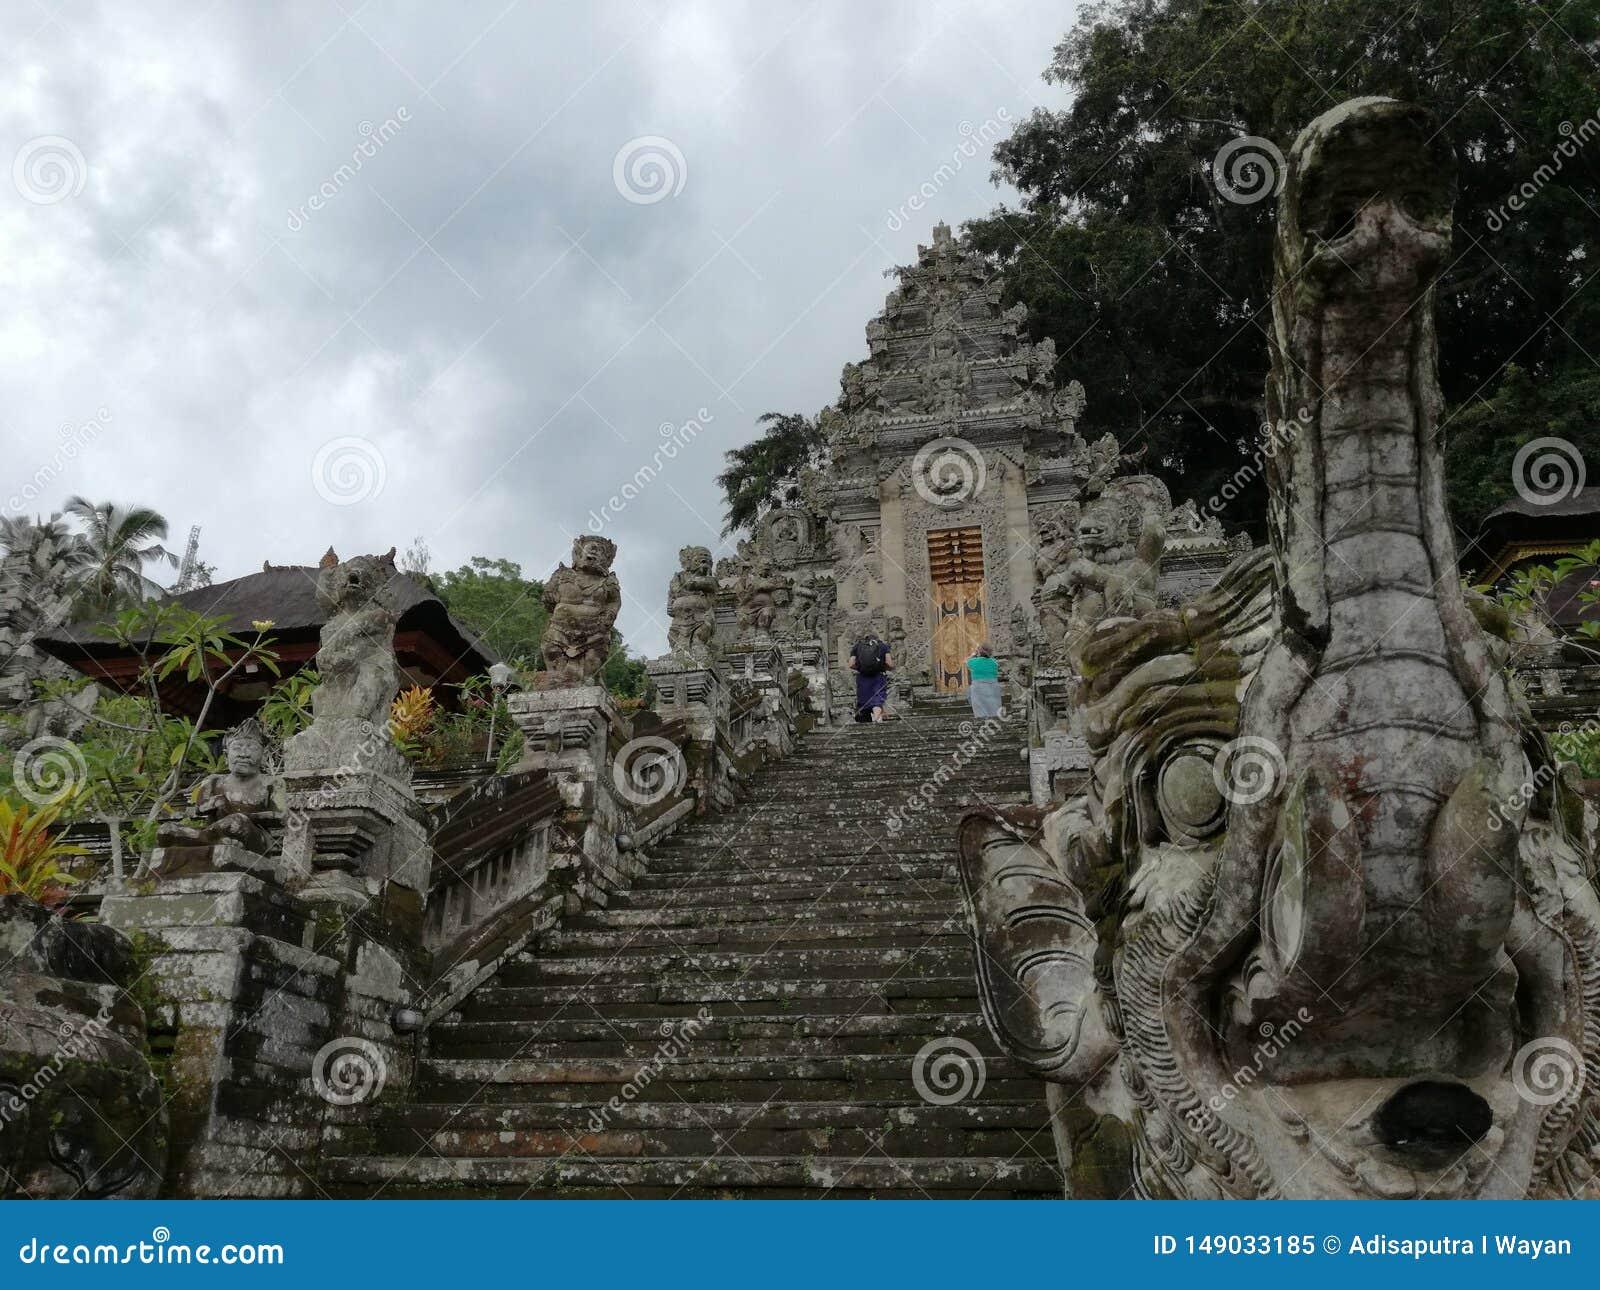 Είσοδος του ναού Pura Kehen, ένας ινδός ναός στο Μπαλί, Ινδονησία